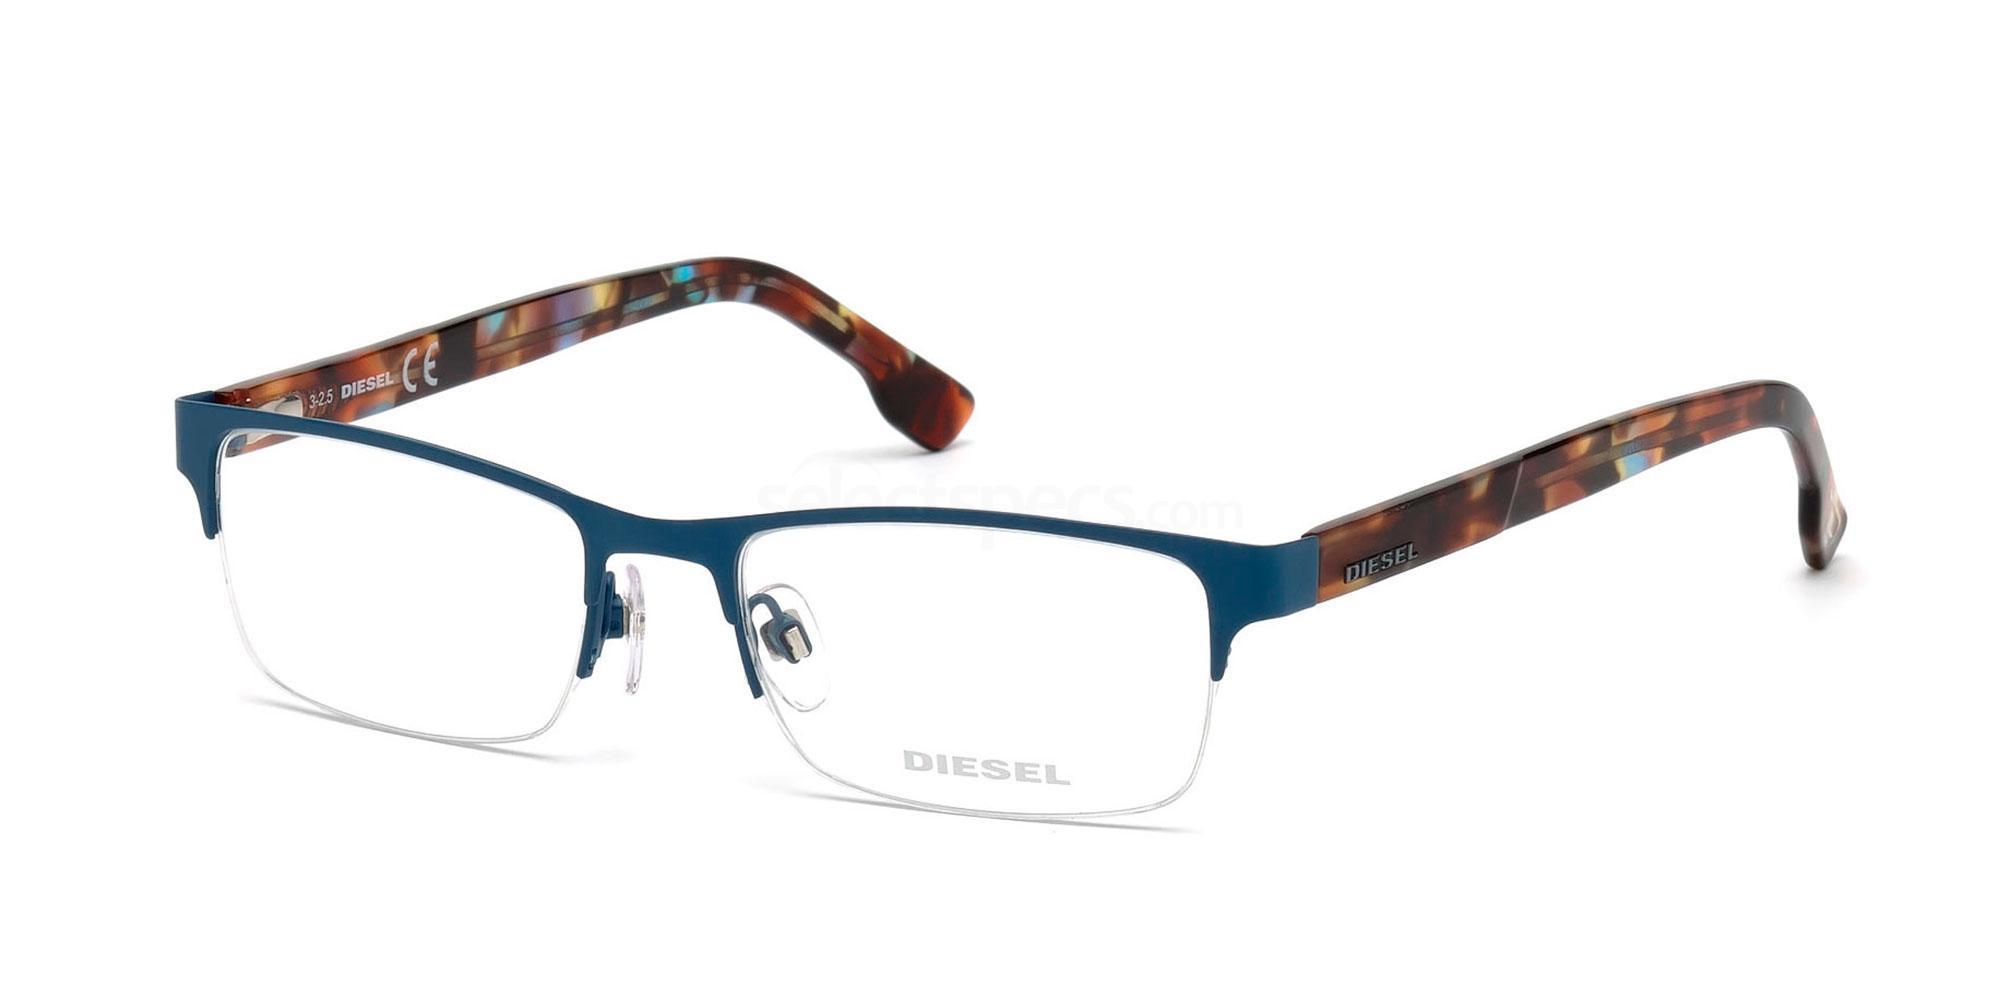 091 DL5202 Glasses, Diesel